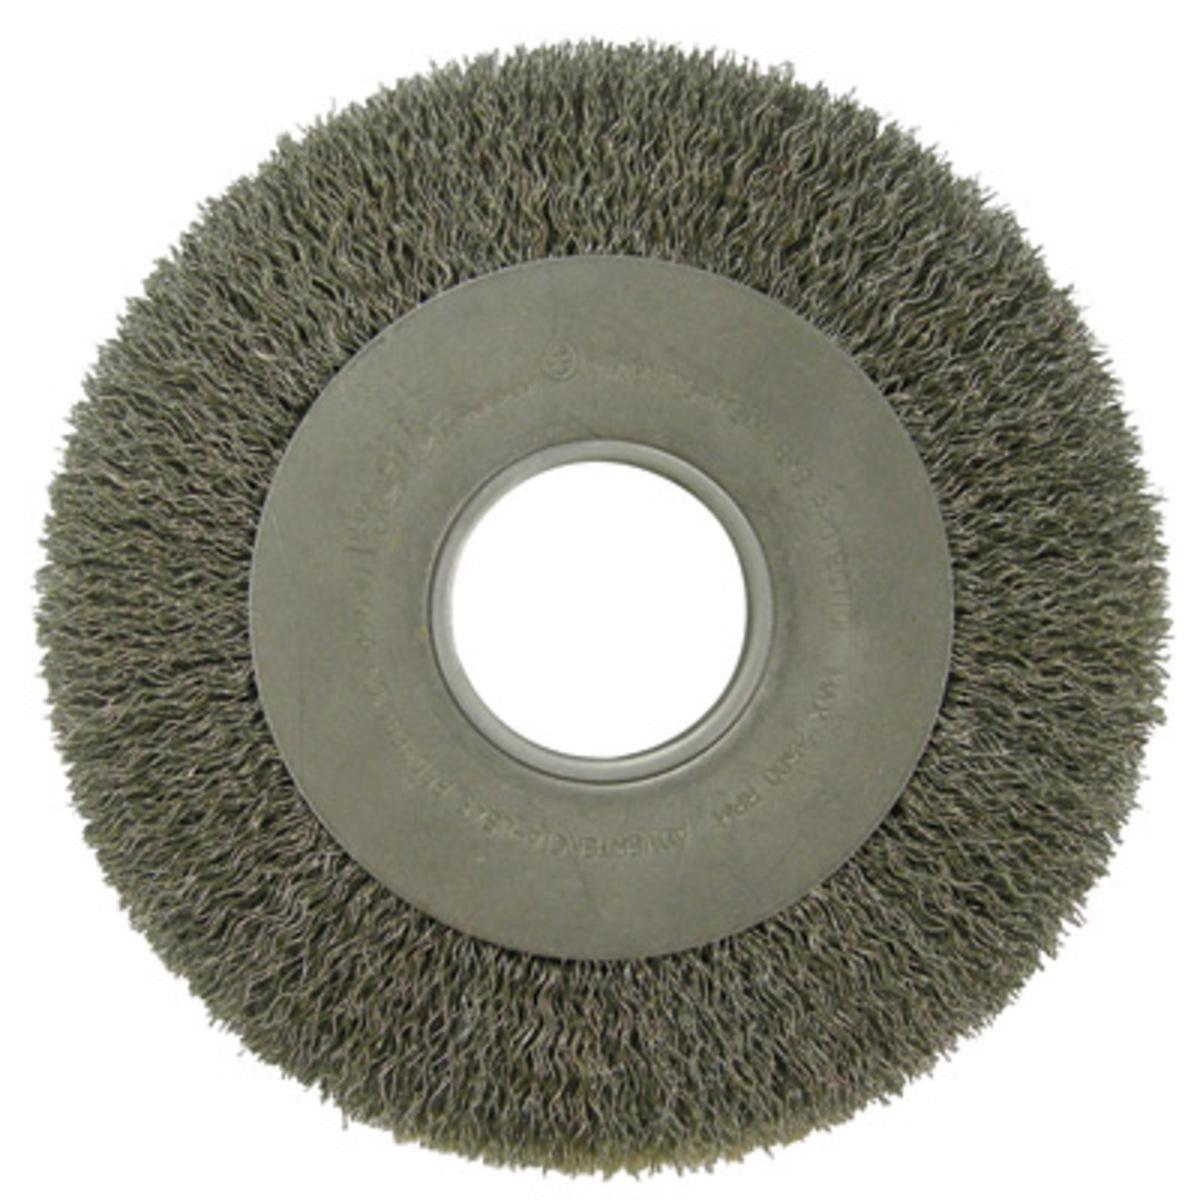 Medium Carbon Steel Wire : Airgas wbu weiler quot trulock™ carbon steel